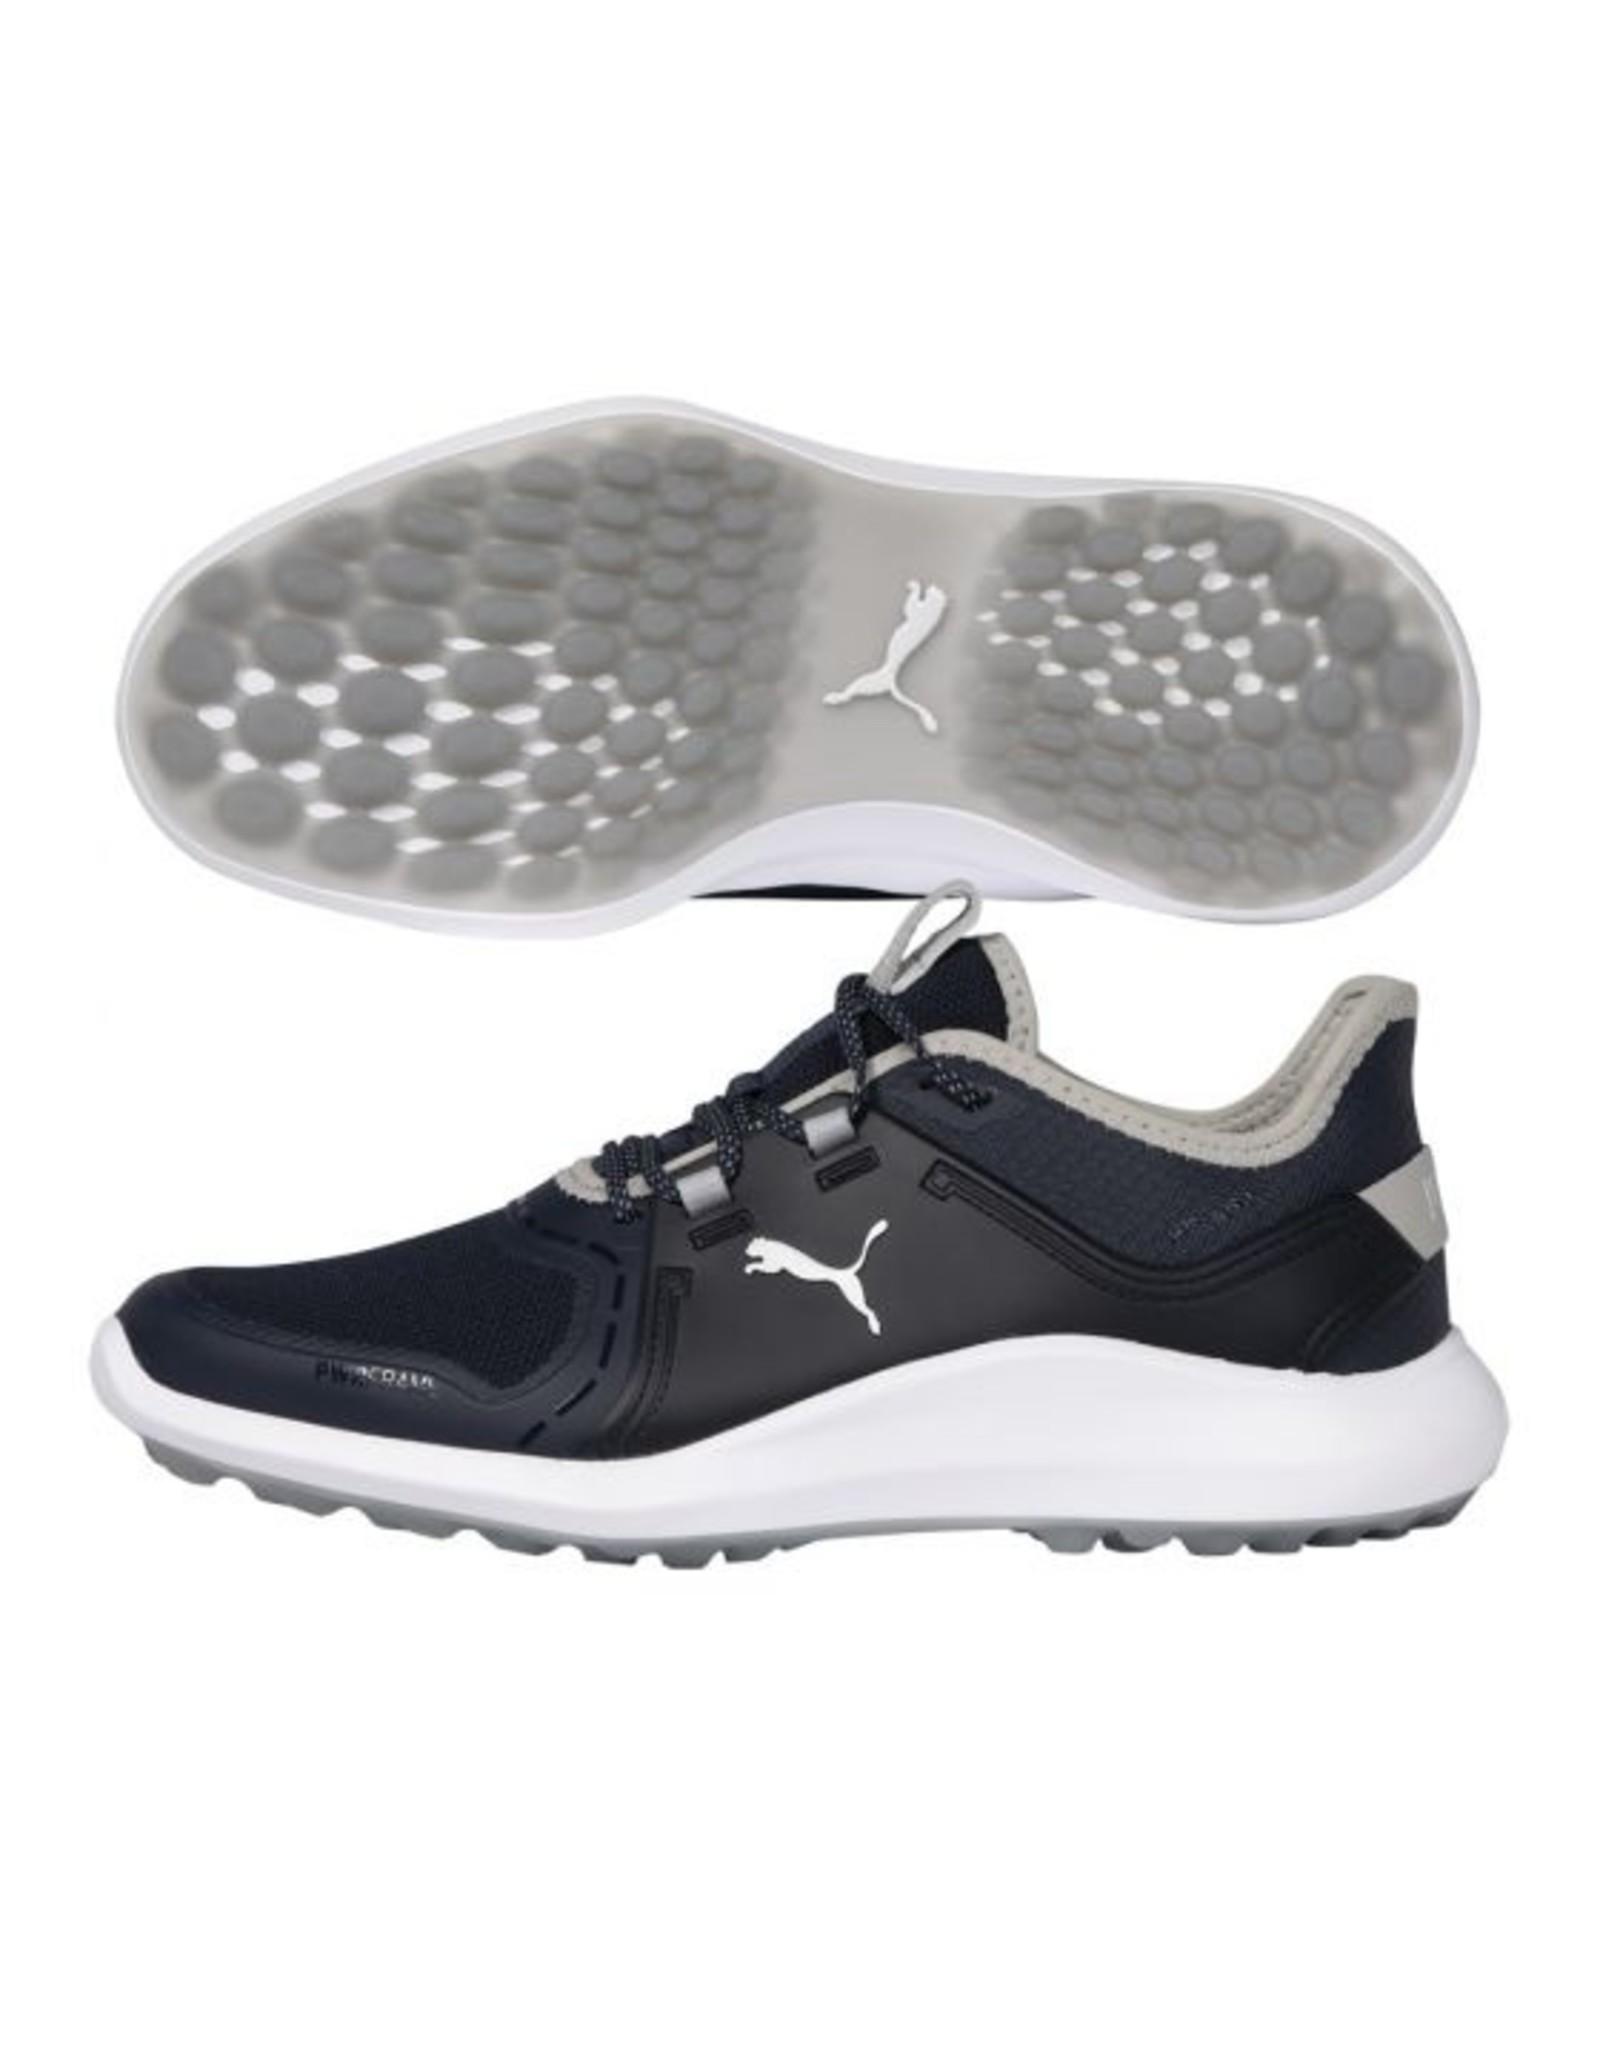 Puma Golf Puma Women's Golf Shoes Ignite Fasten8